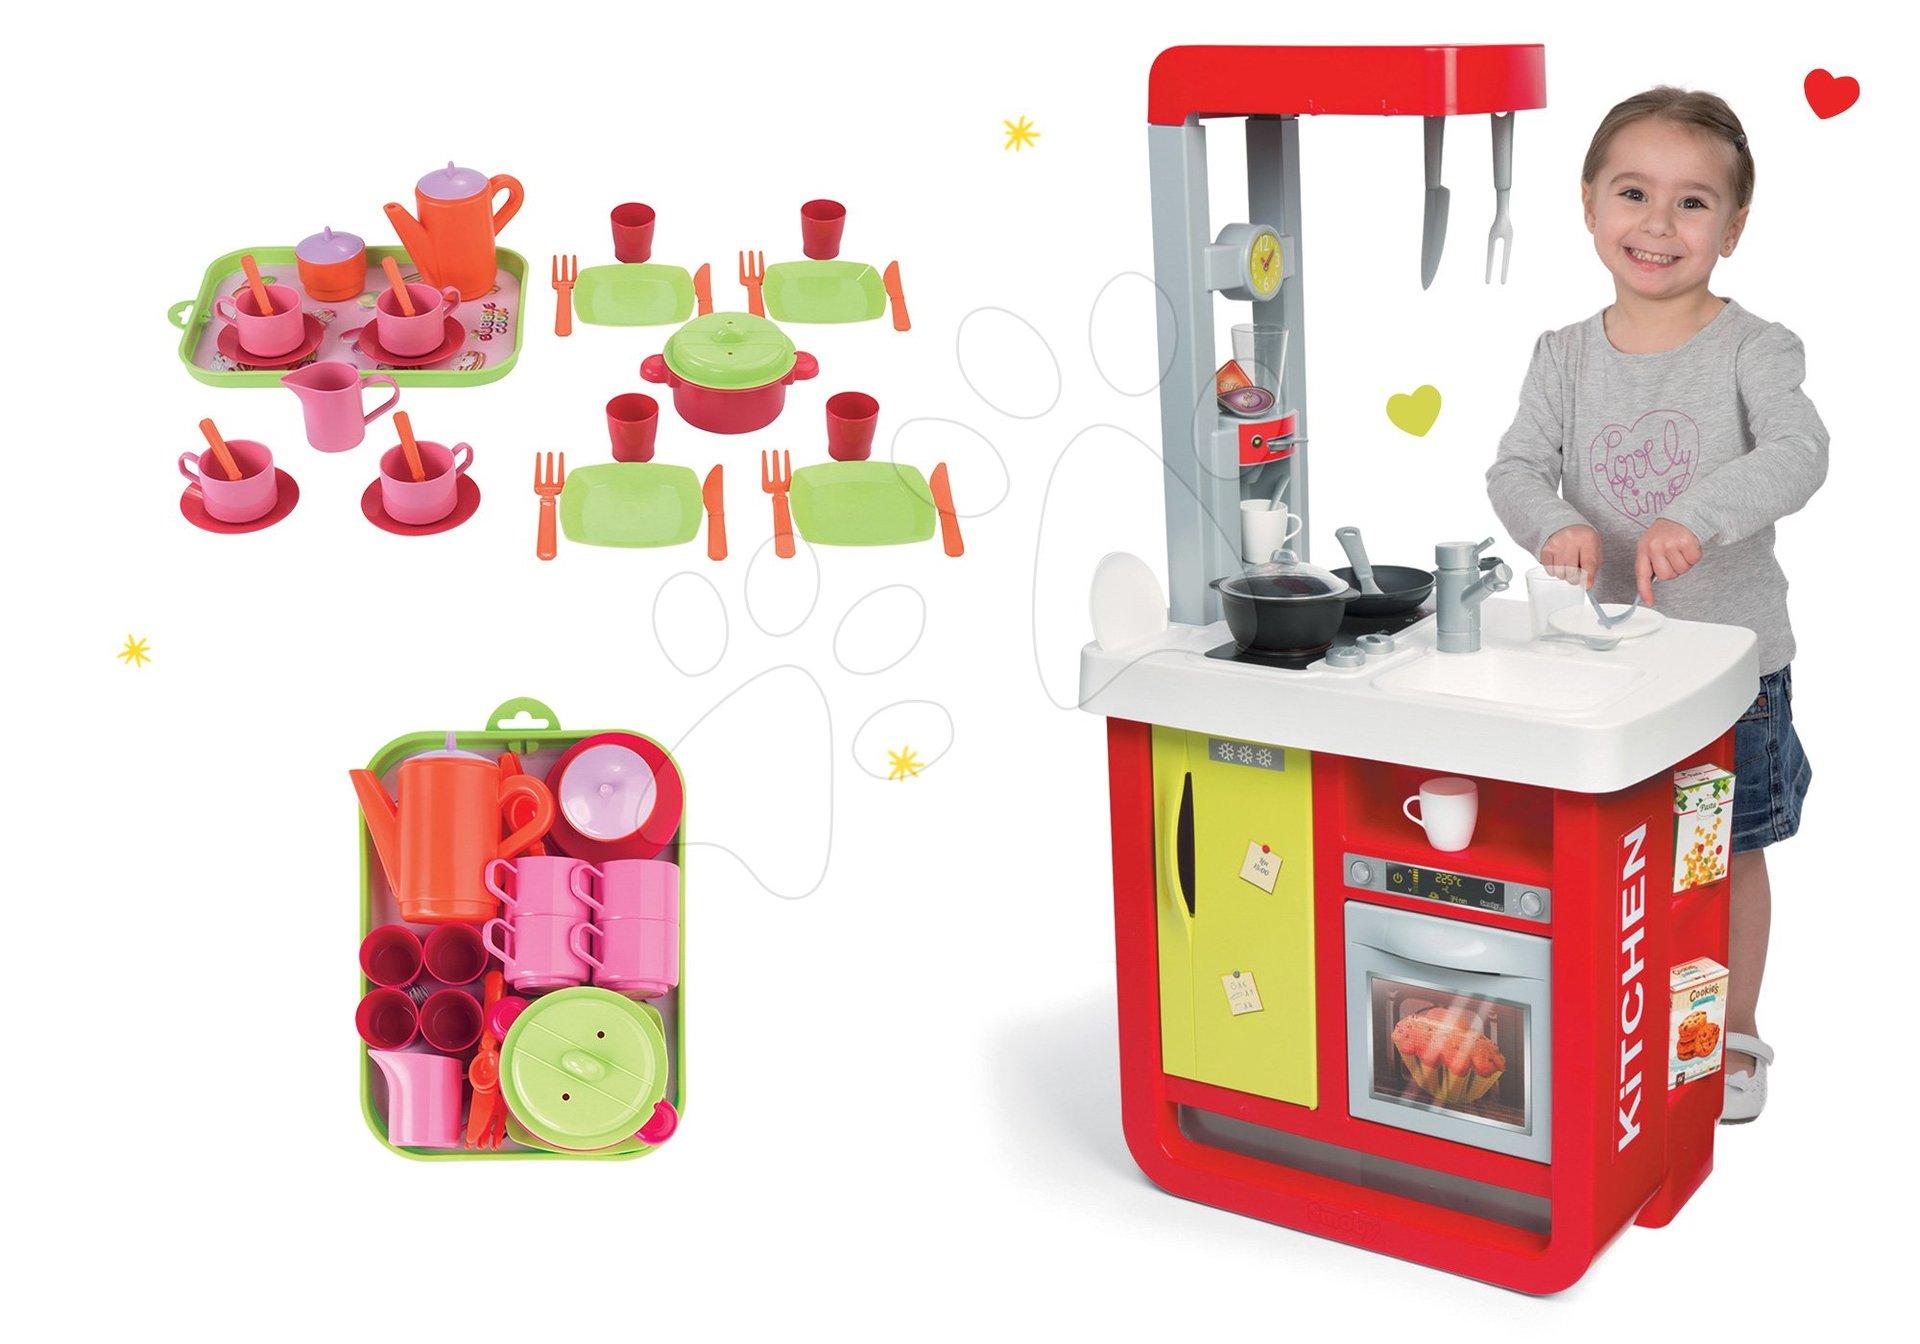 Smoby set detská kuchynka elektronická Bon Appetit a čajová súprava na tácke 310810-2